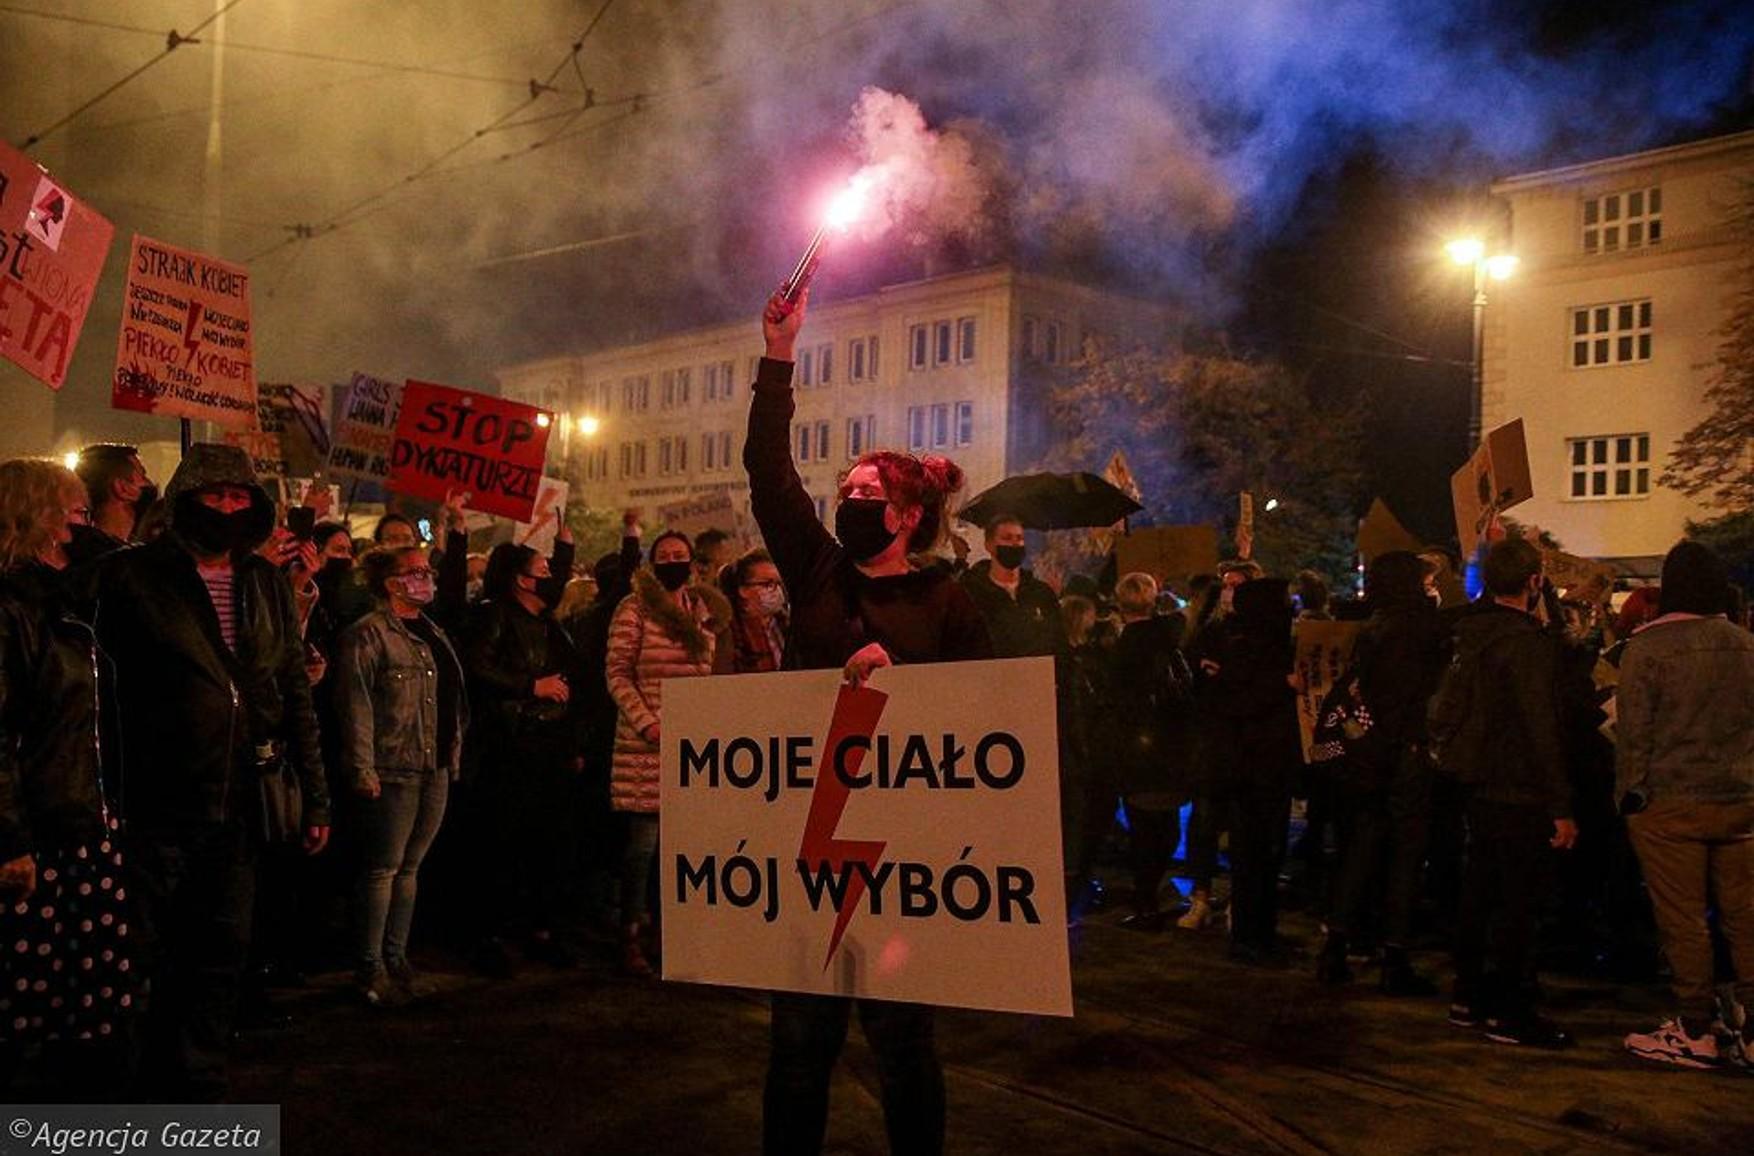 Польский протест: народ против абортов? Или всё гораздо глубже? (окончание)